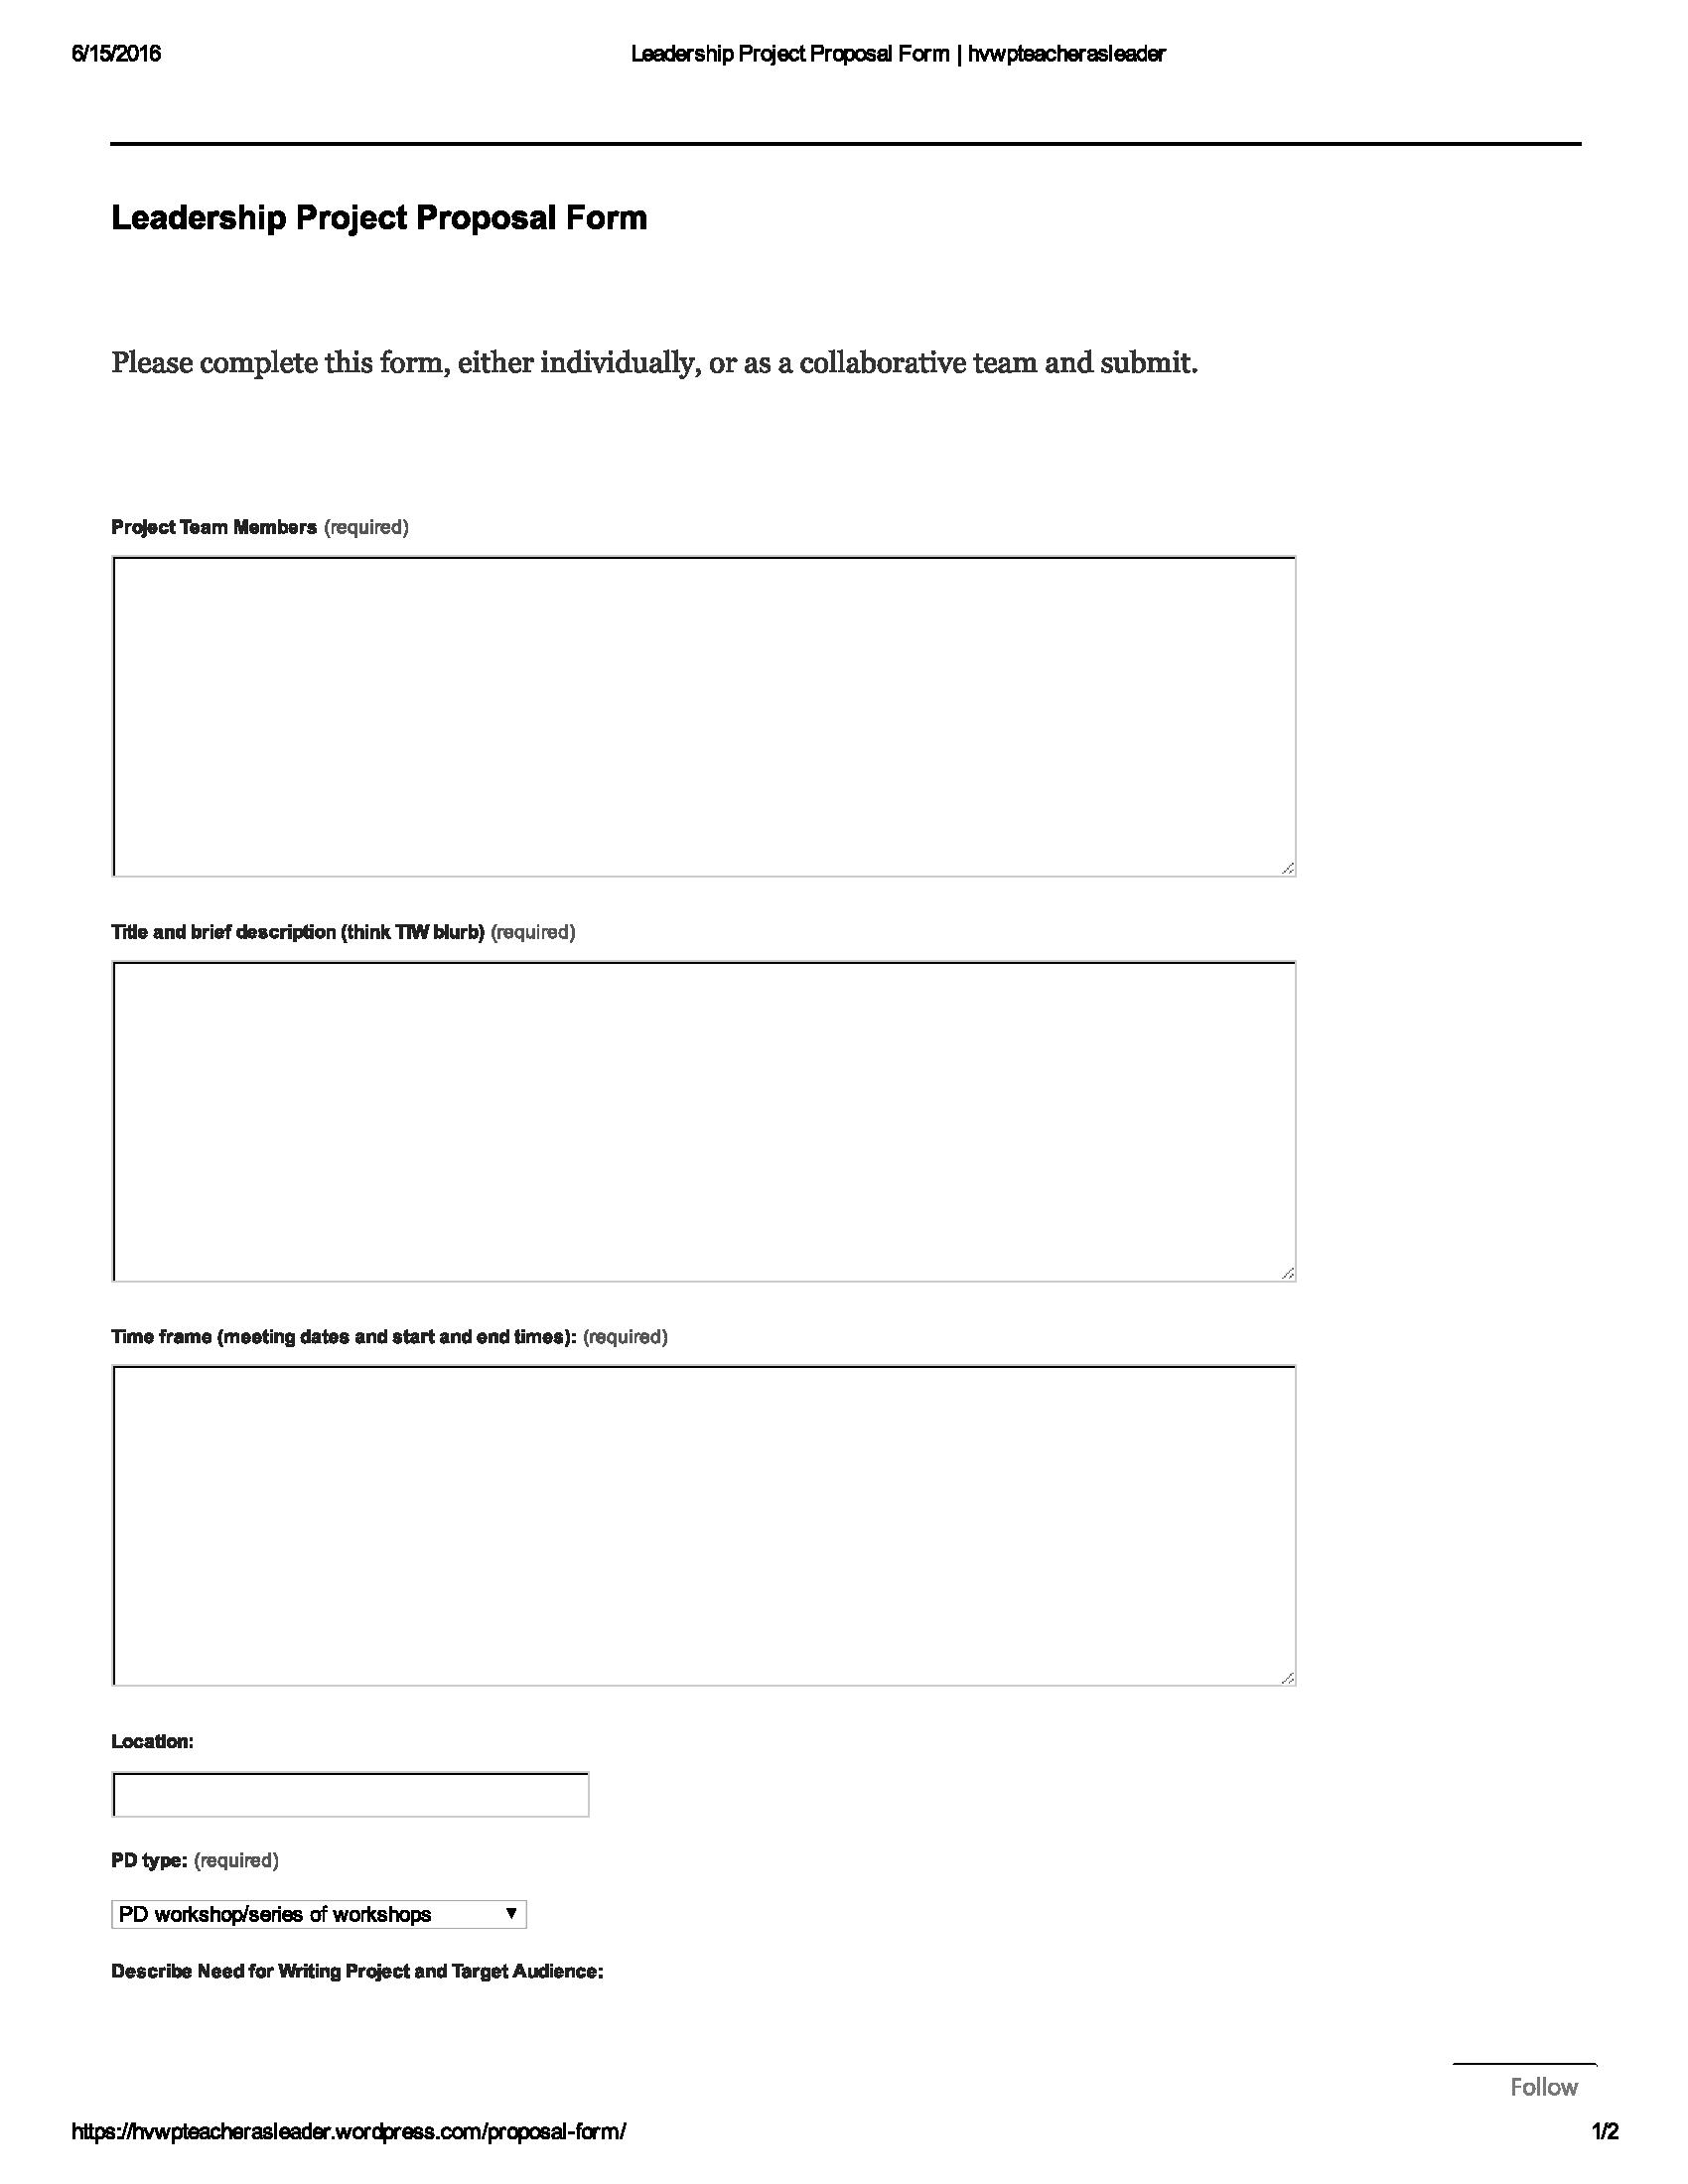 Proposal-form-Pg1-image